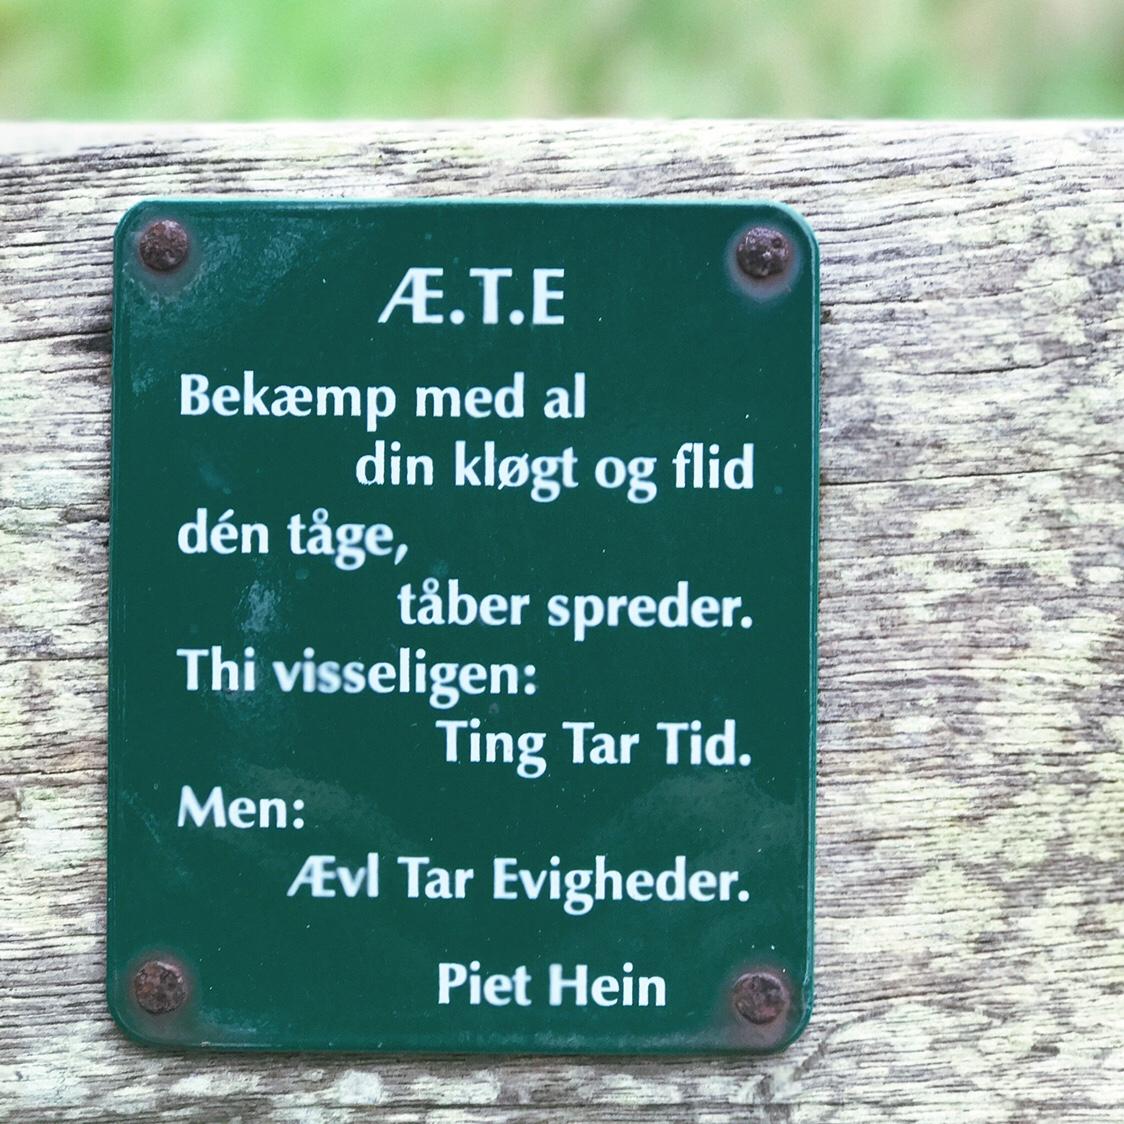 111 steder på den jyske vestkyst som du skal se